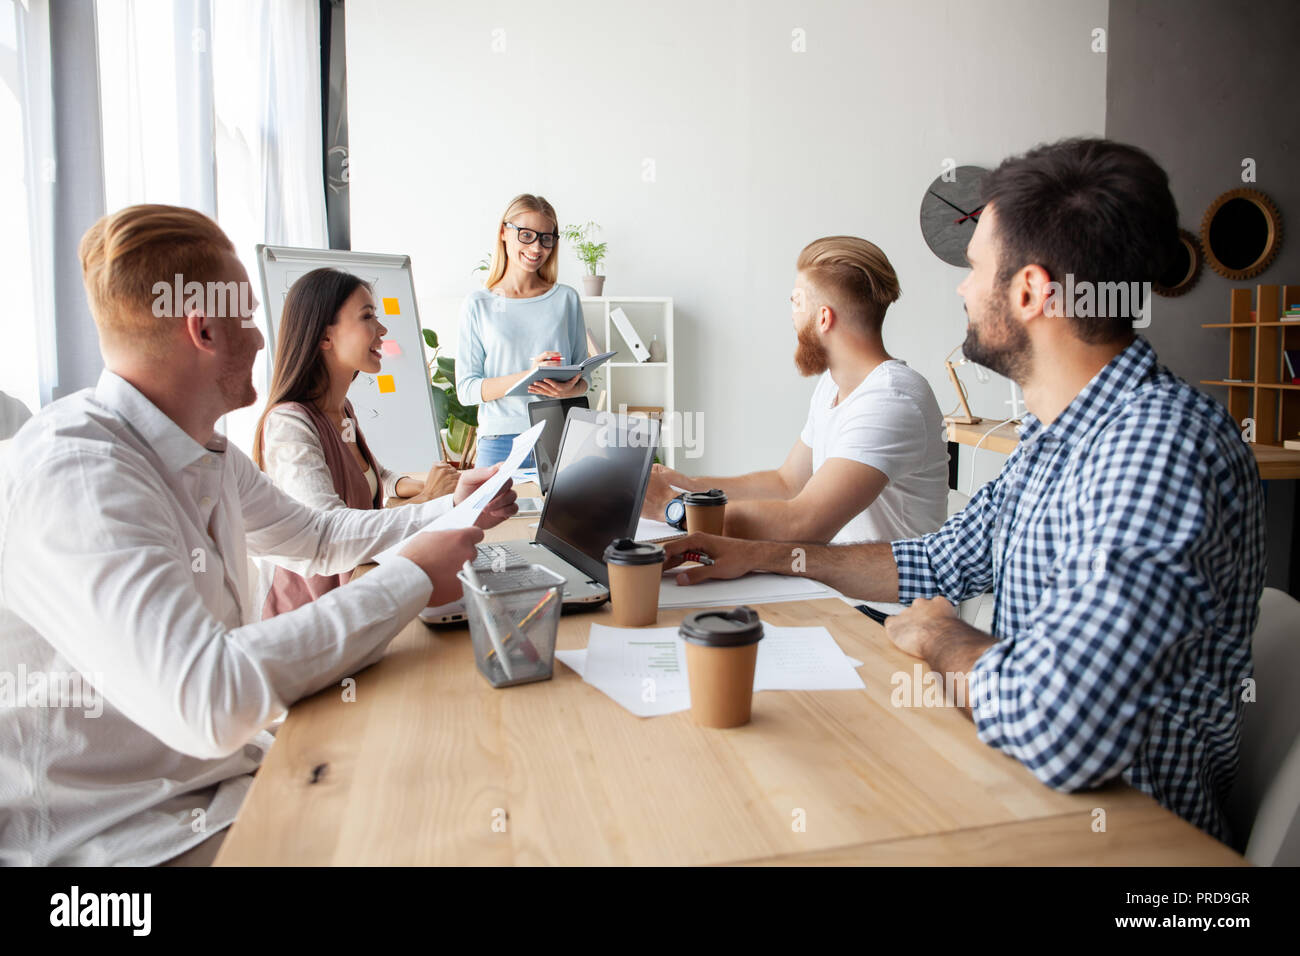 Giovane team di collaboratori di grande discussione aziendale nel moderno ufficio coworking.Il lavoro di squadra di persone concetto Foto Stock